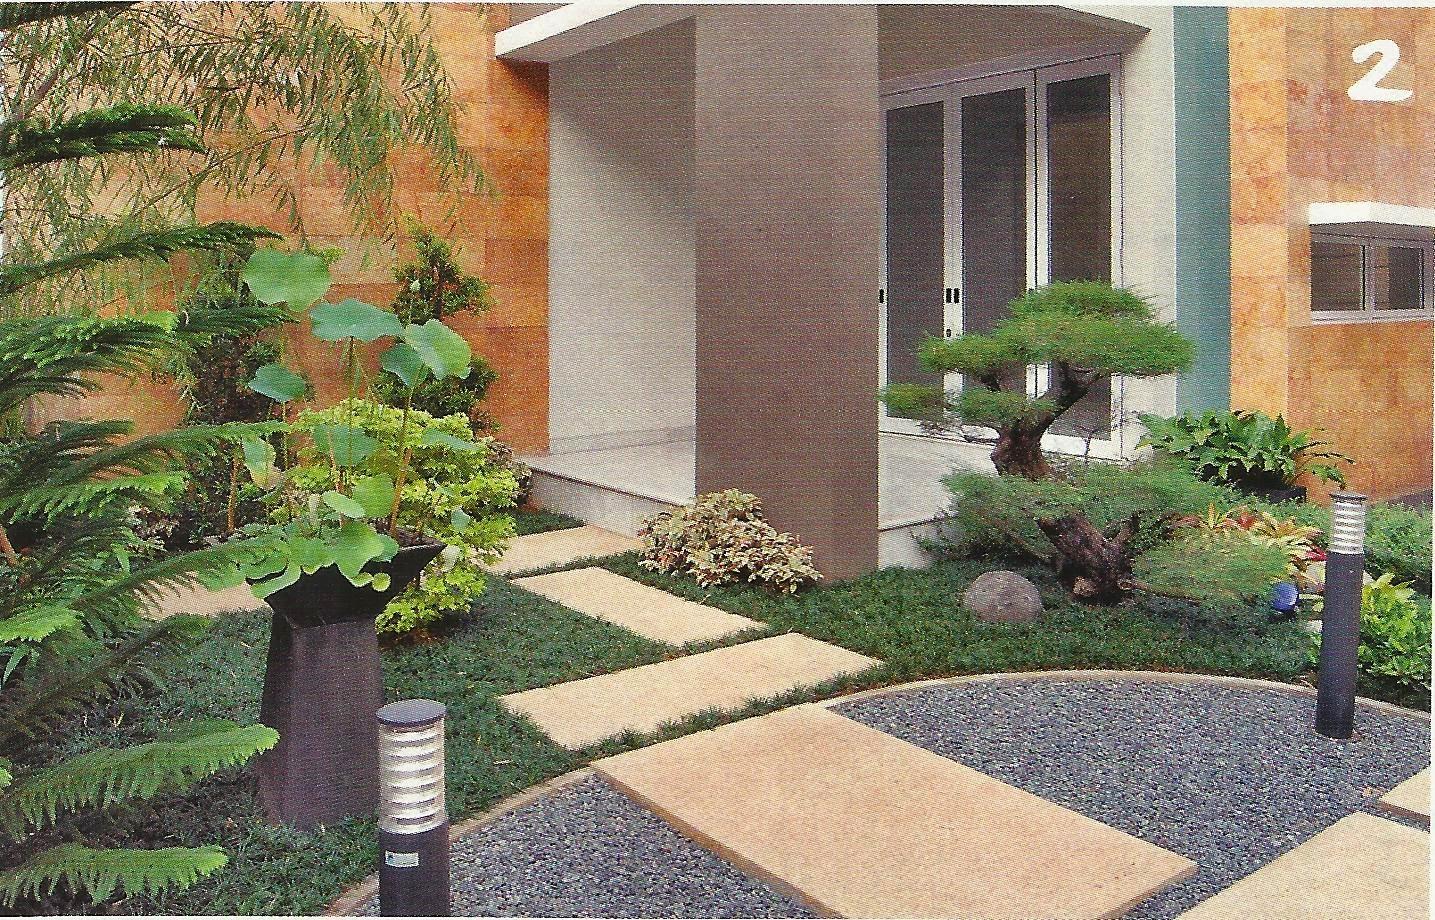 5 gambar desain taman halaman depan rumah desain taman